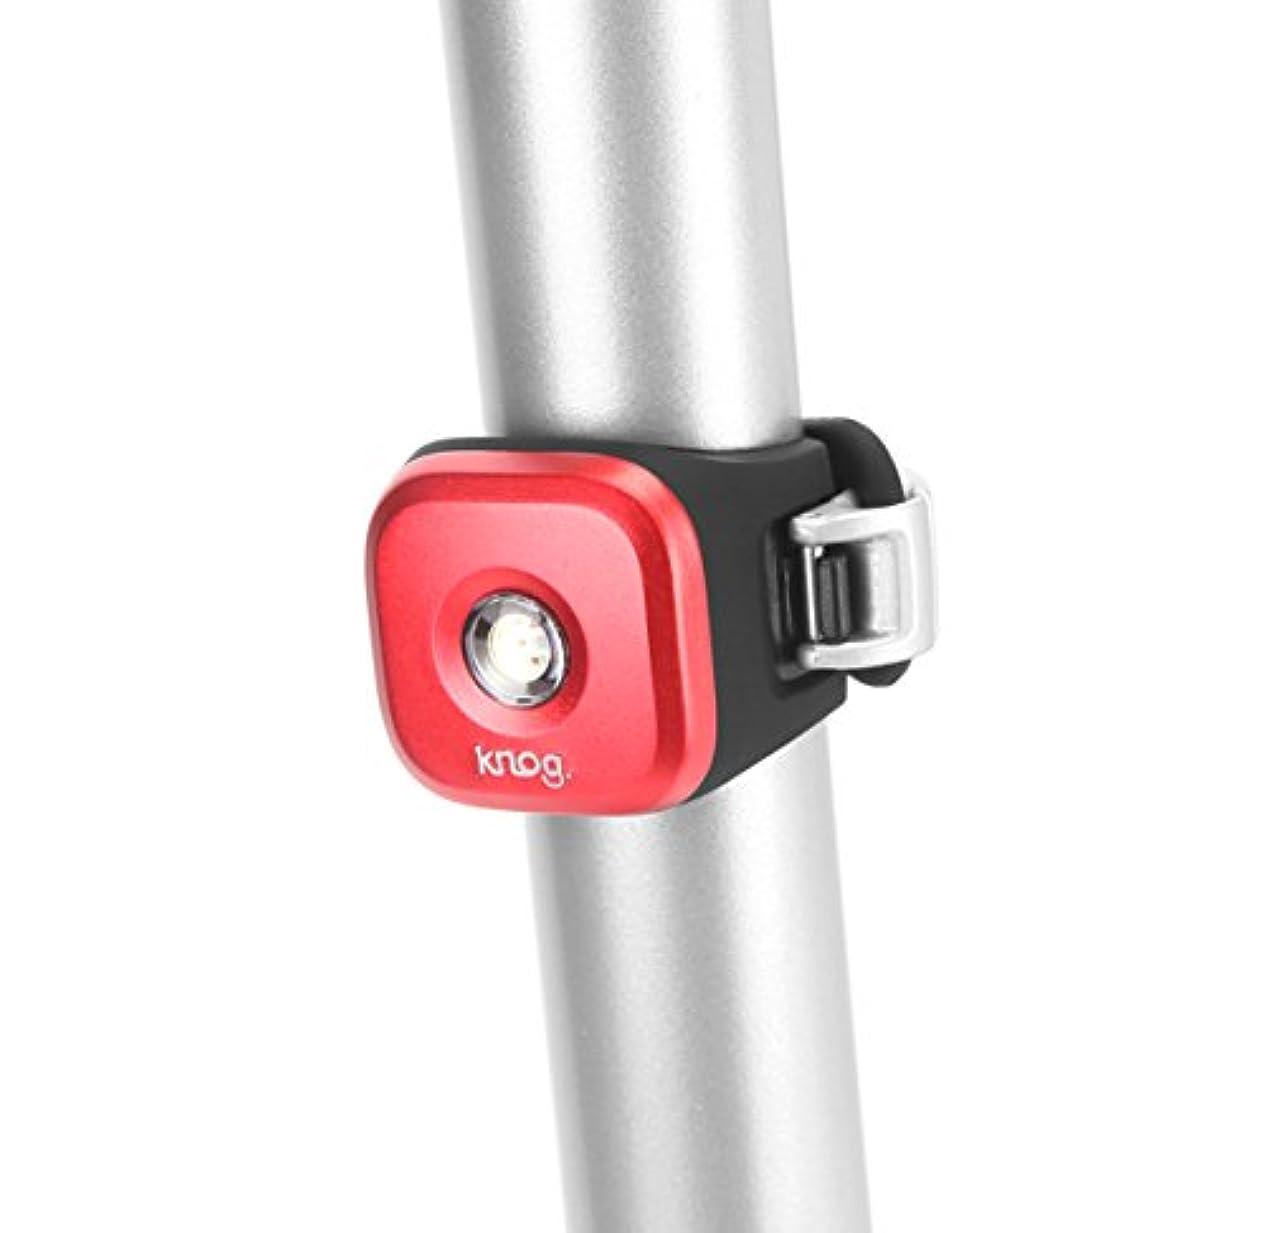 椅子直面するナラーバーKnog - Blinder 1 Standard Red Rear